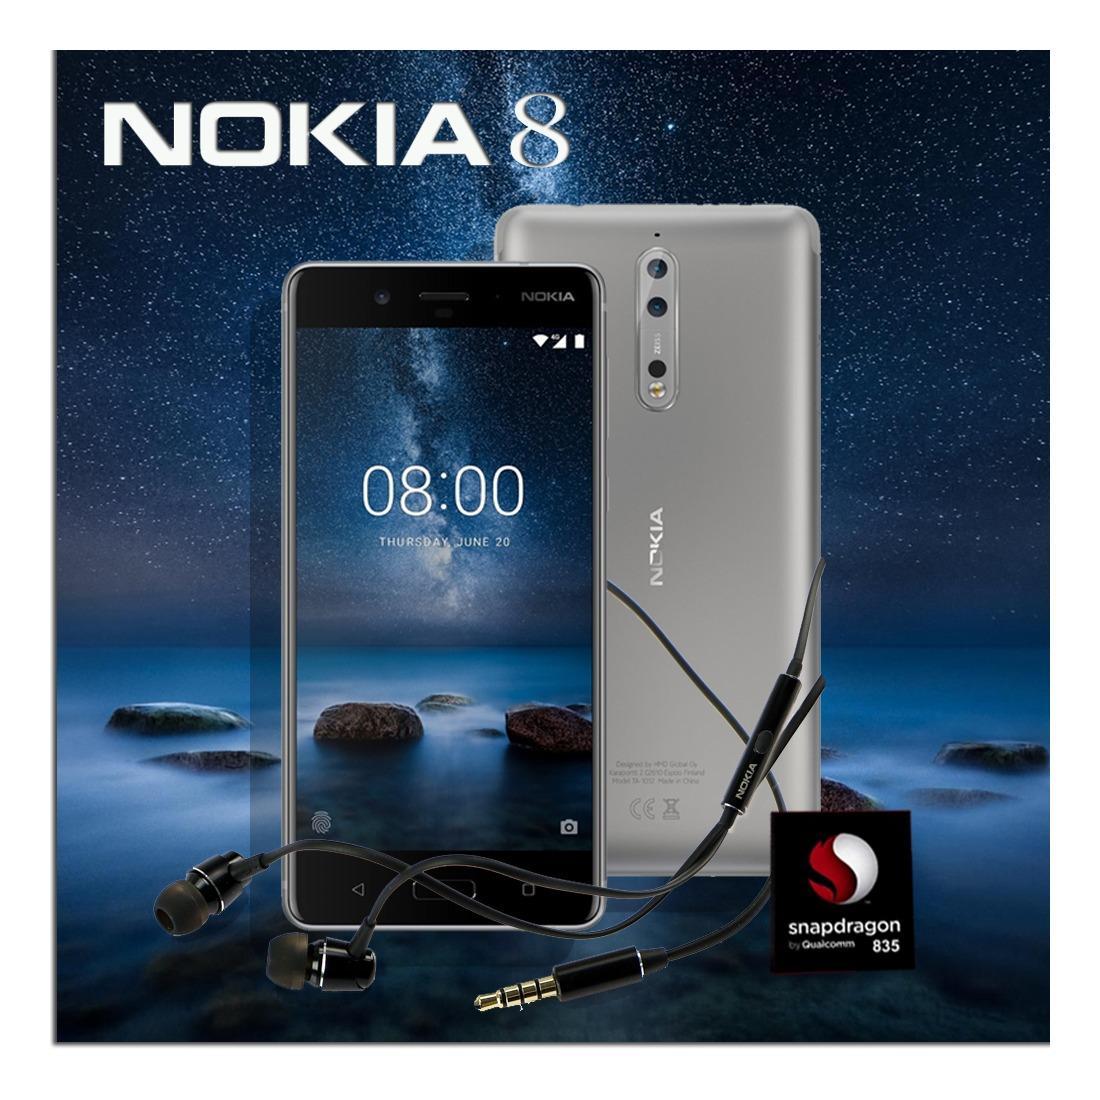 Nokia 105 Handphone Cyan 8 Mb Spec Dan Daftar Harga Terbaru Indonesia Asha 501 Dual Sim Resmi 4 64 4gb 64gb Snapdragon 835 Garansi